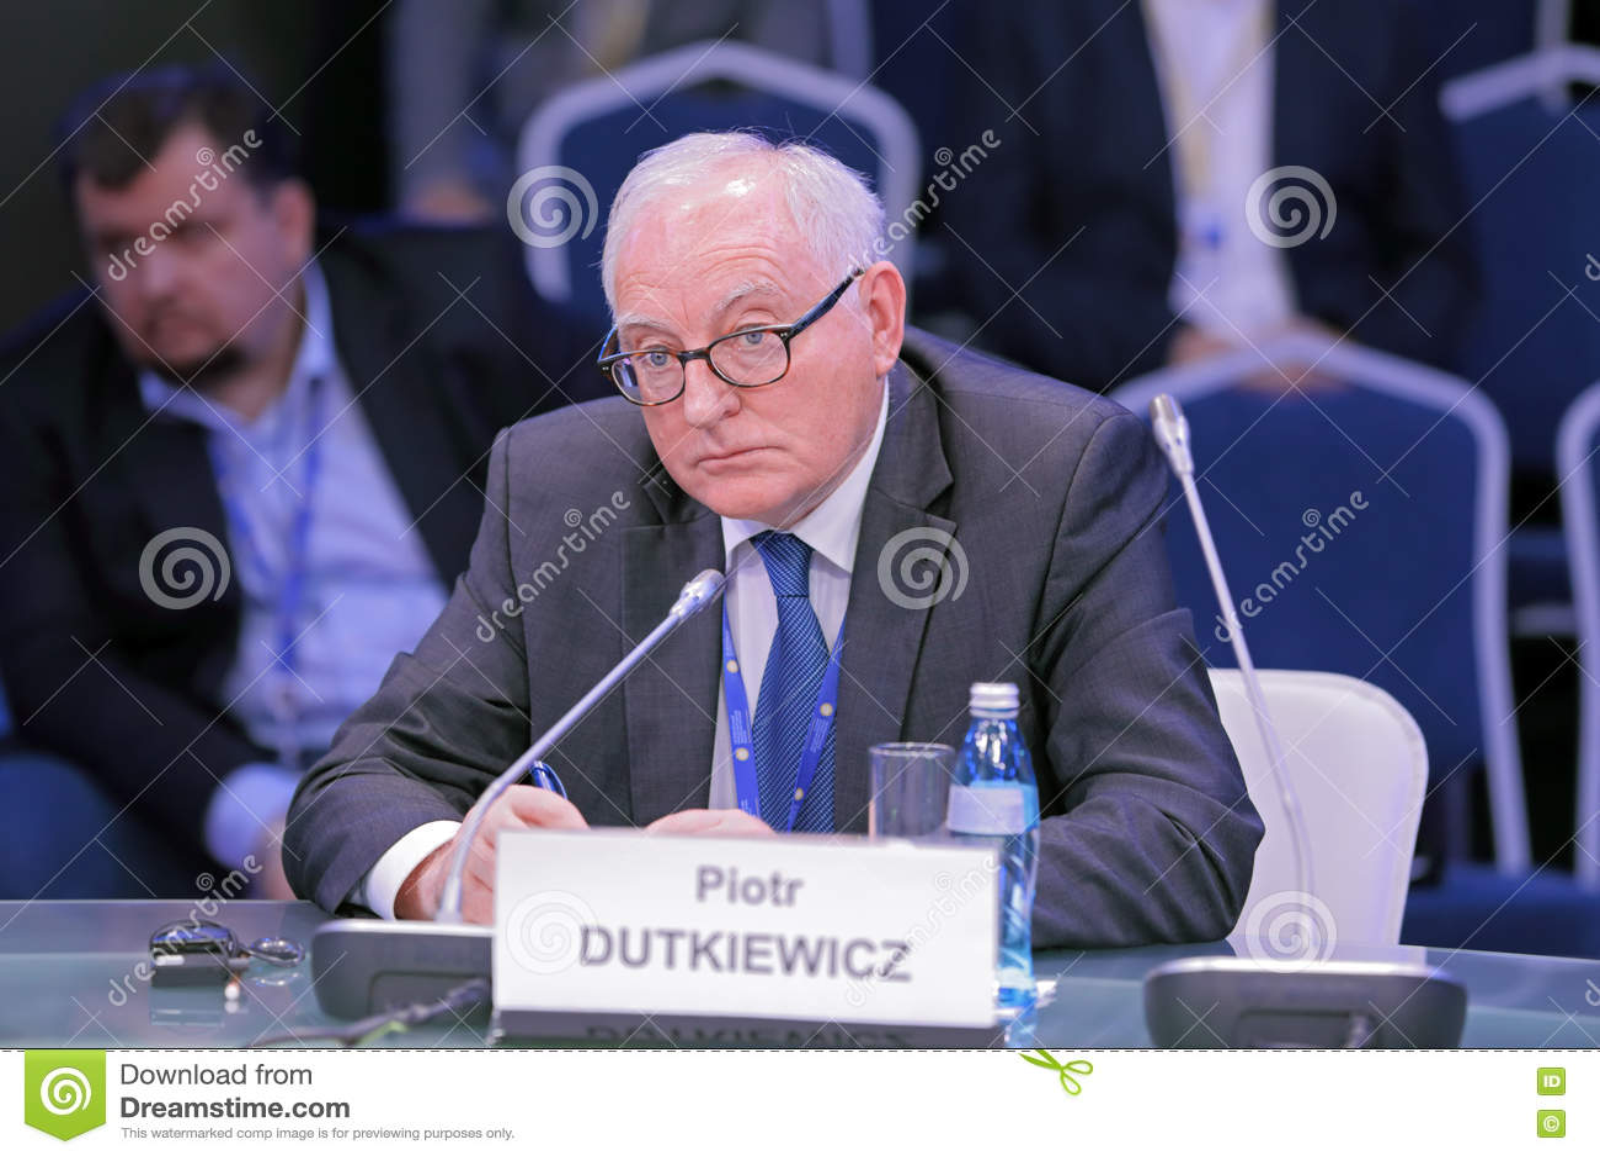 Piotr Dutkiewicz